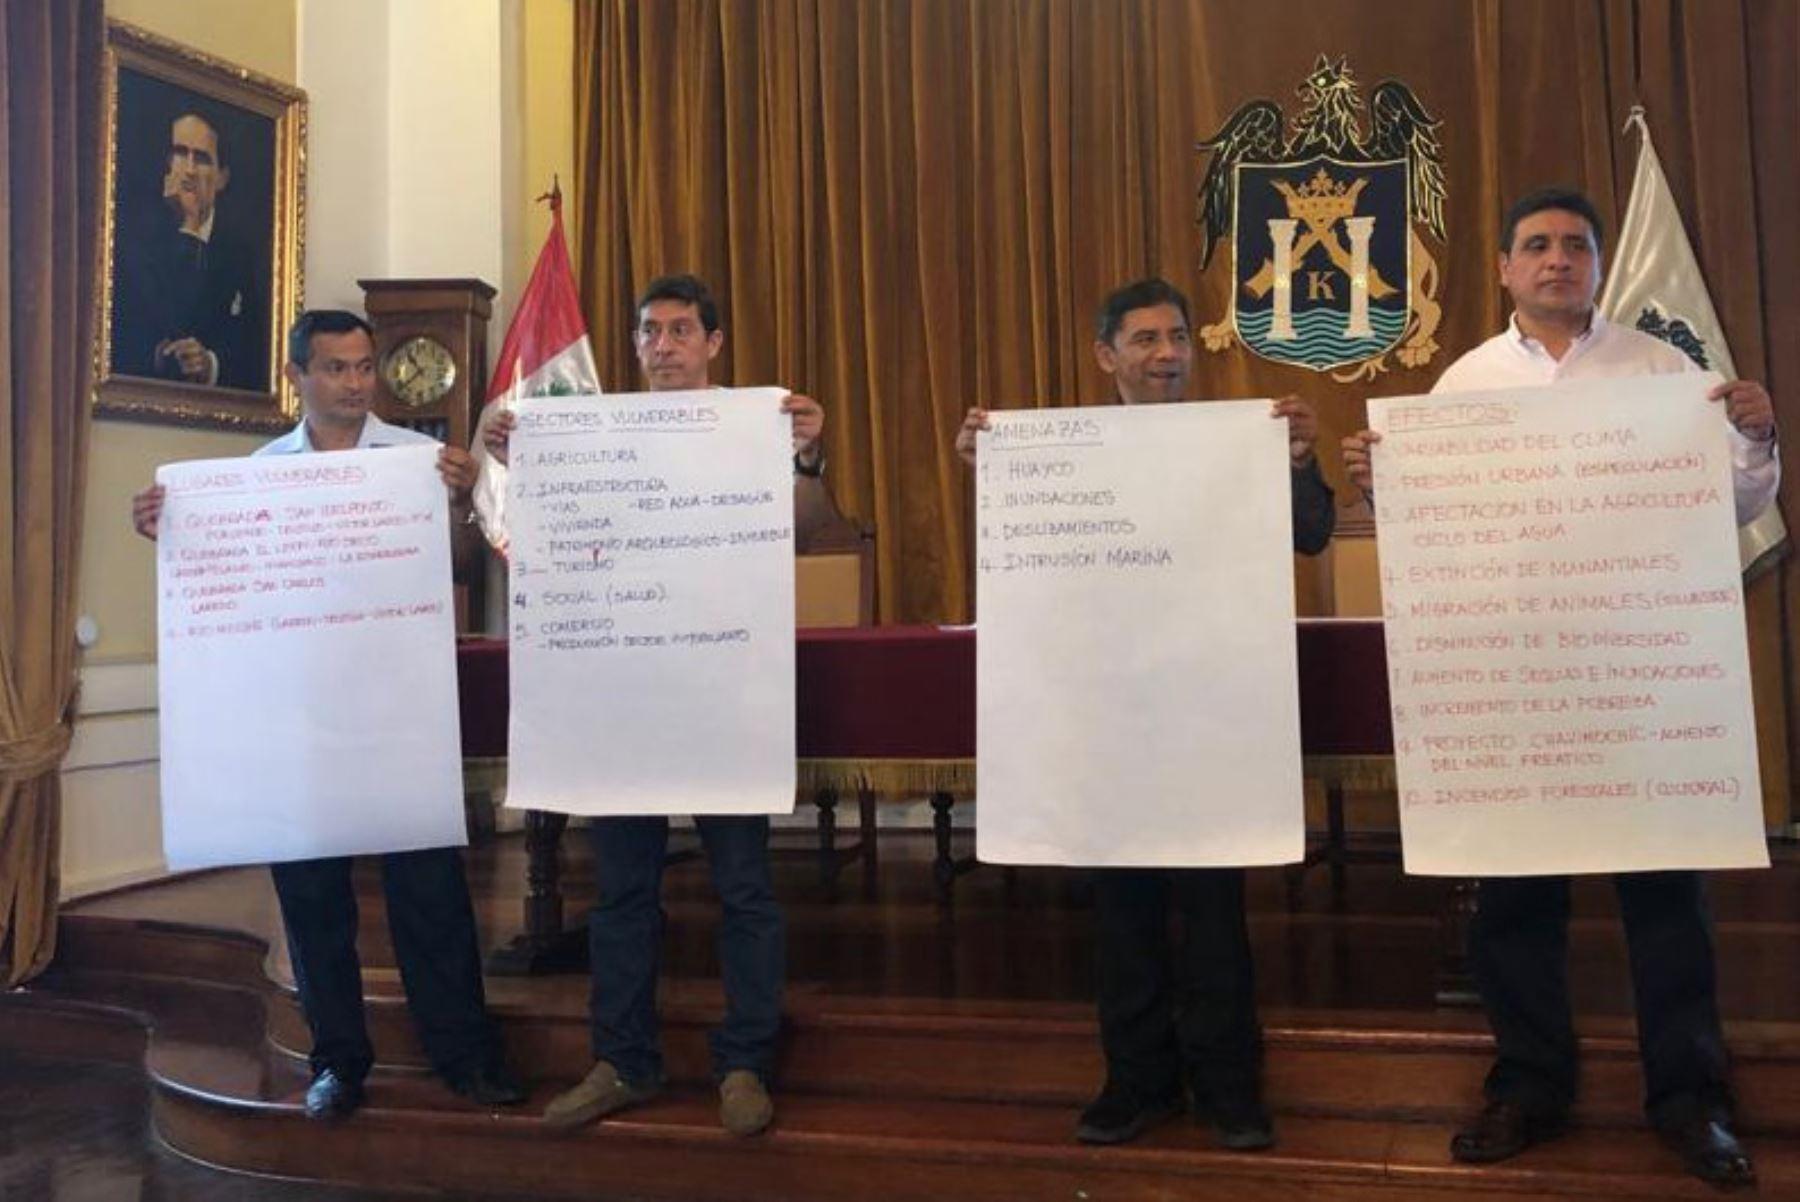 Ciudades de Piura y Trujillo medirán qué tan vulnerables son al cambio climático